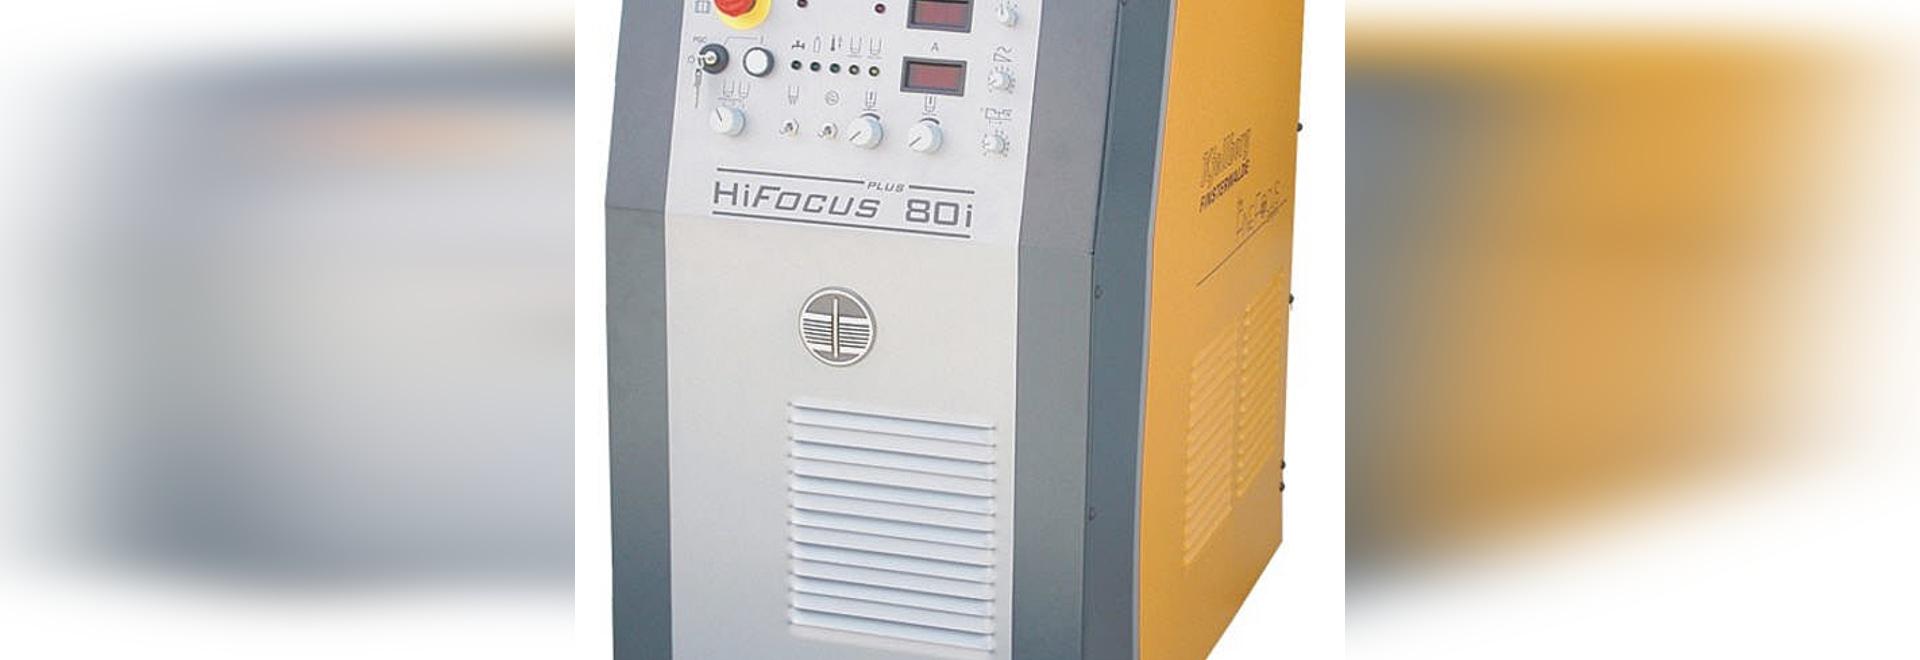 CNC-controlled / mechanised plasma technology - HiFocus 80i